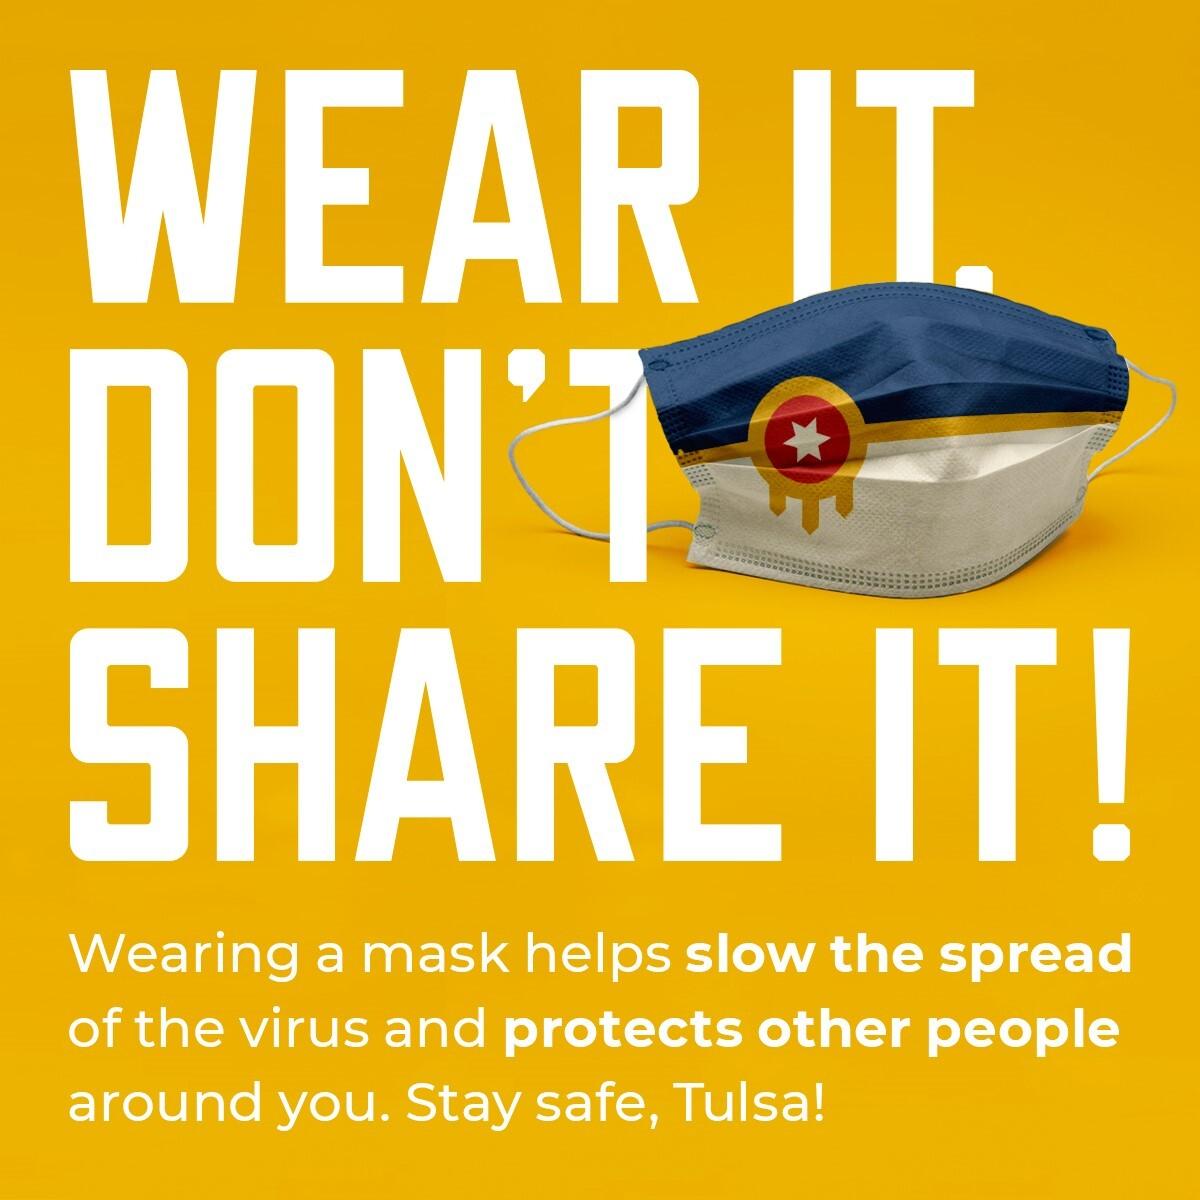 THD: Wear it, don't share it